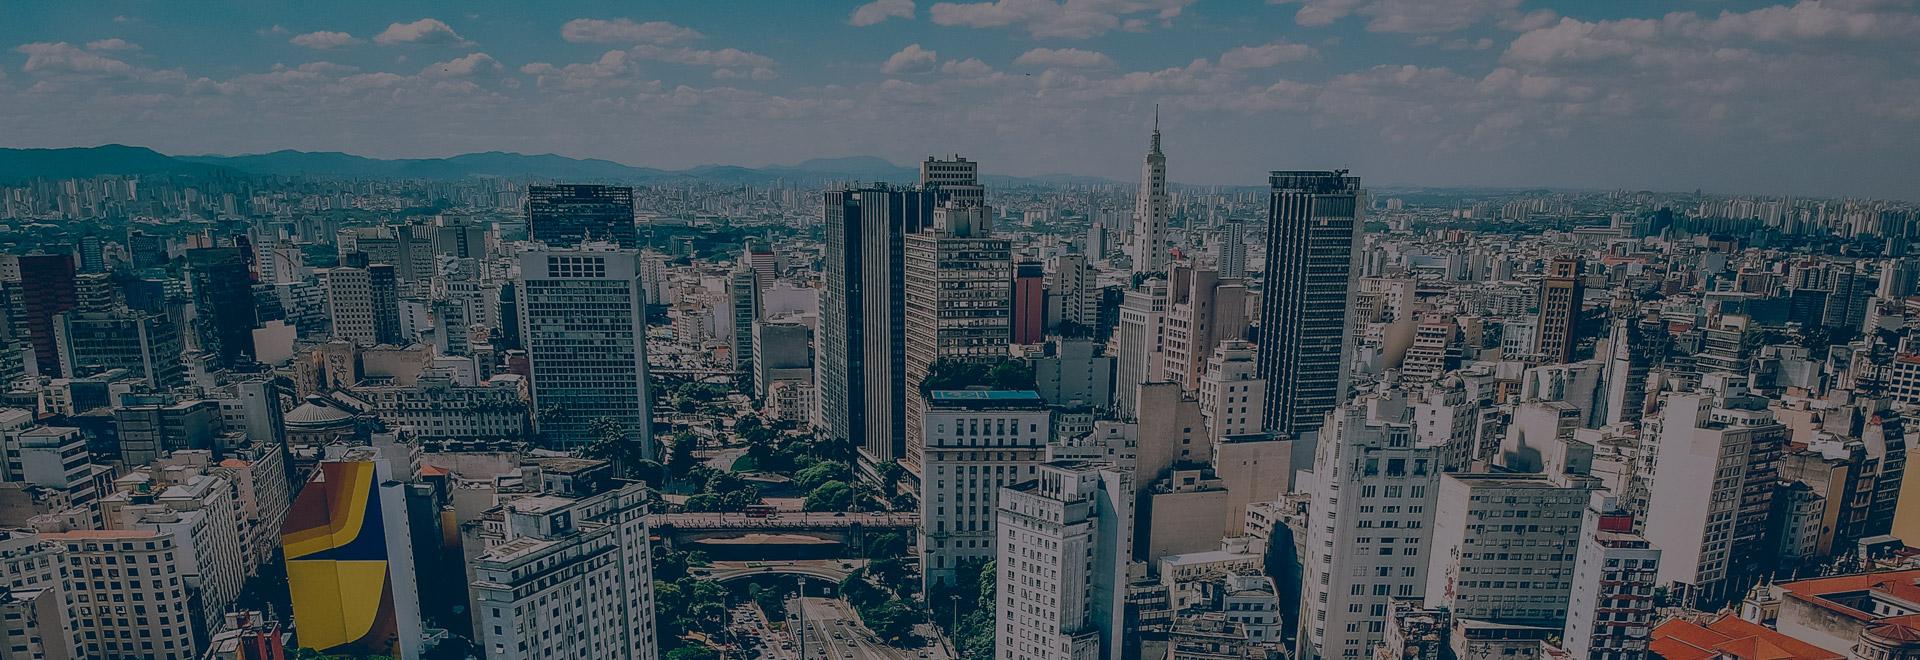 Orientation Meetings - Sao Paulo